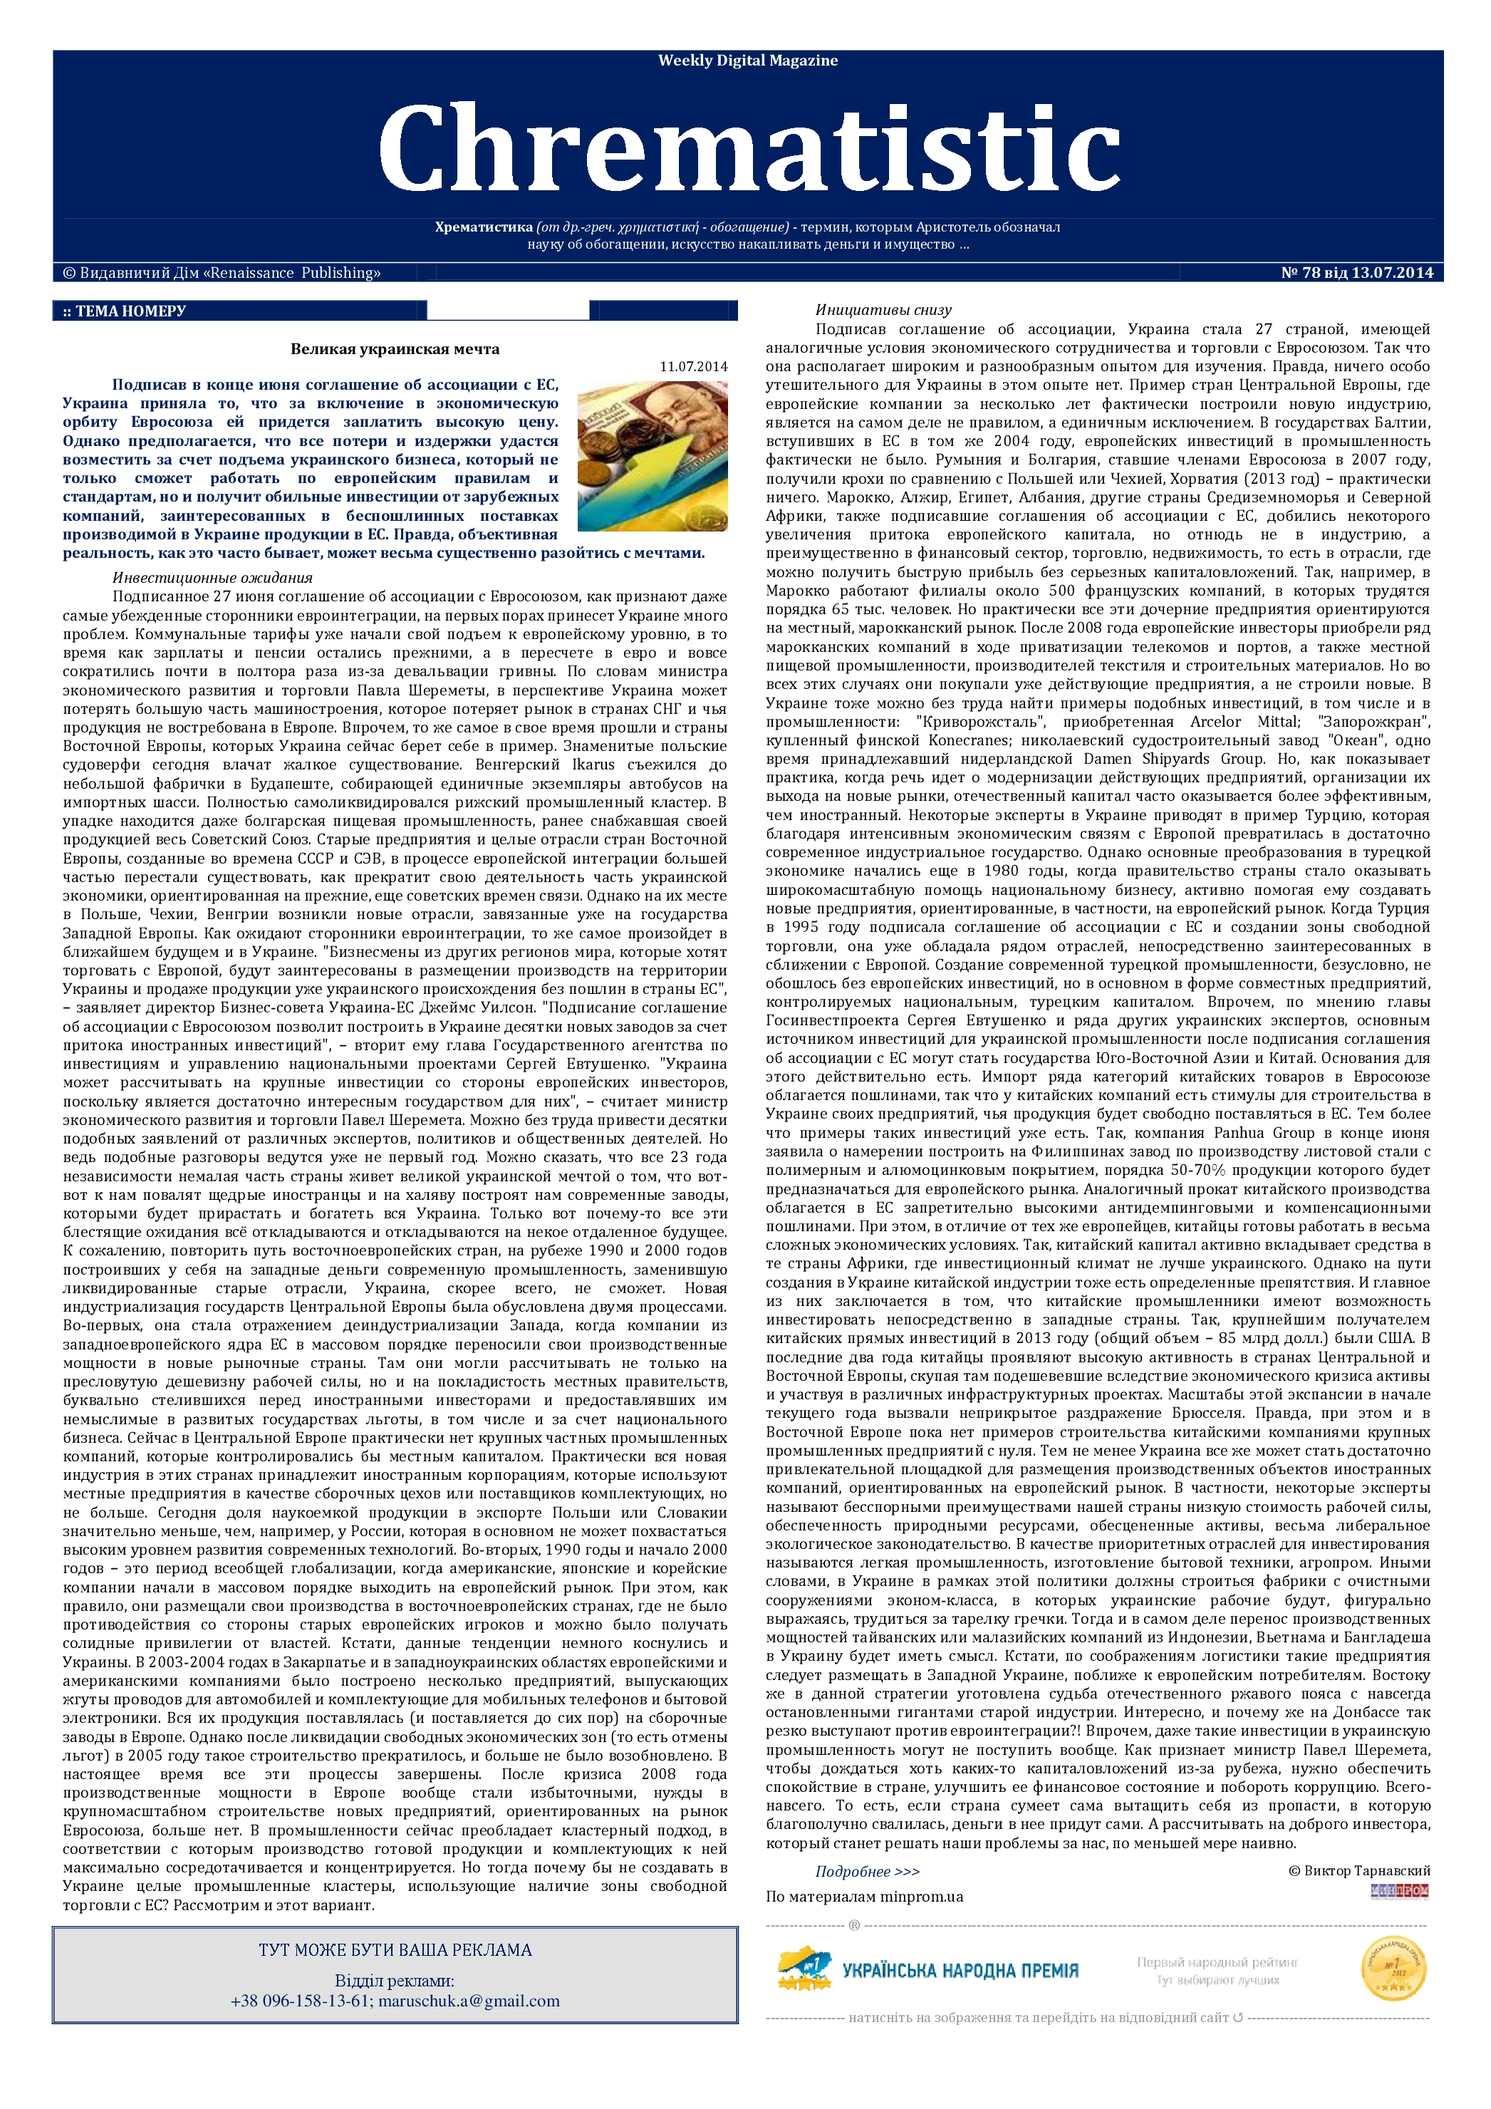 d50bc6cb6d289a Calaméo - №78 Wdm «Chrematistic» от 13 07 2014